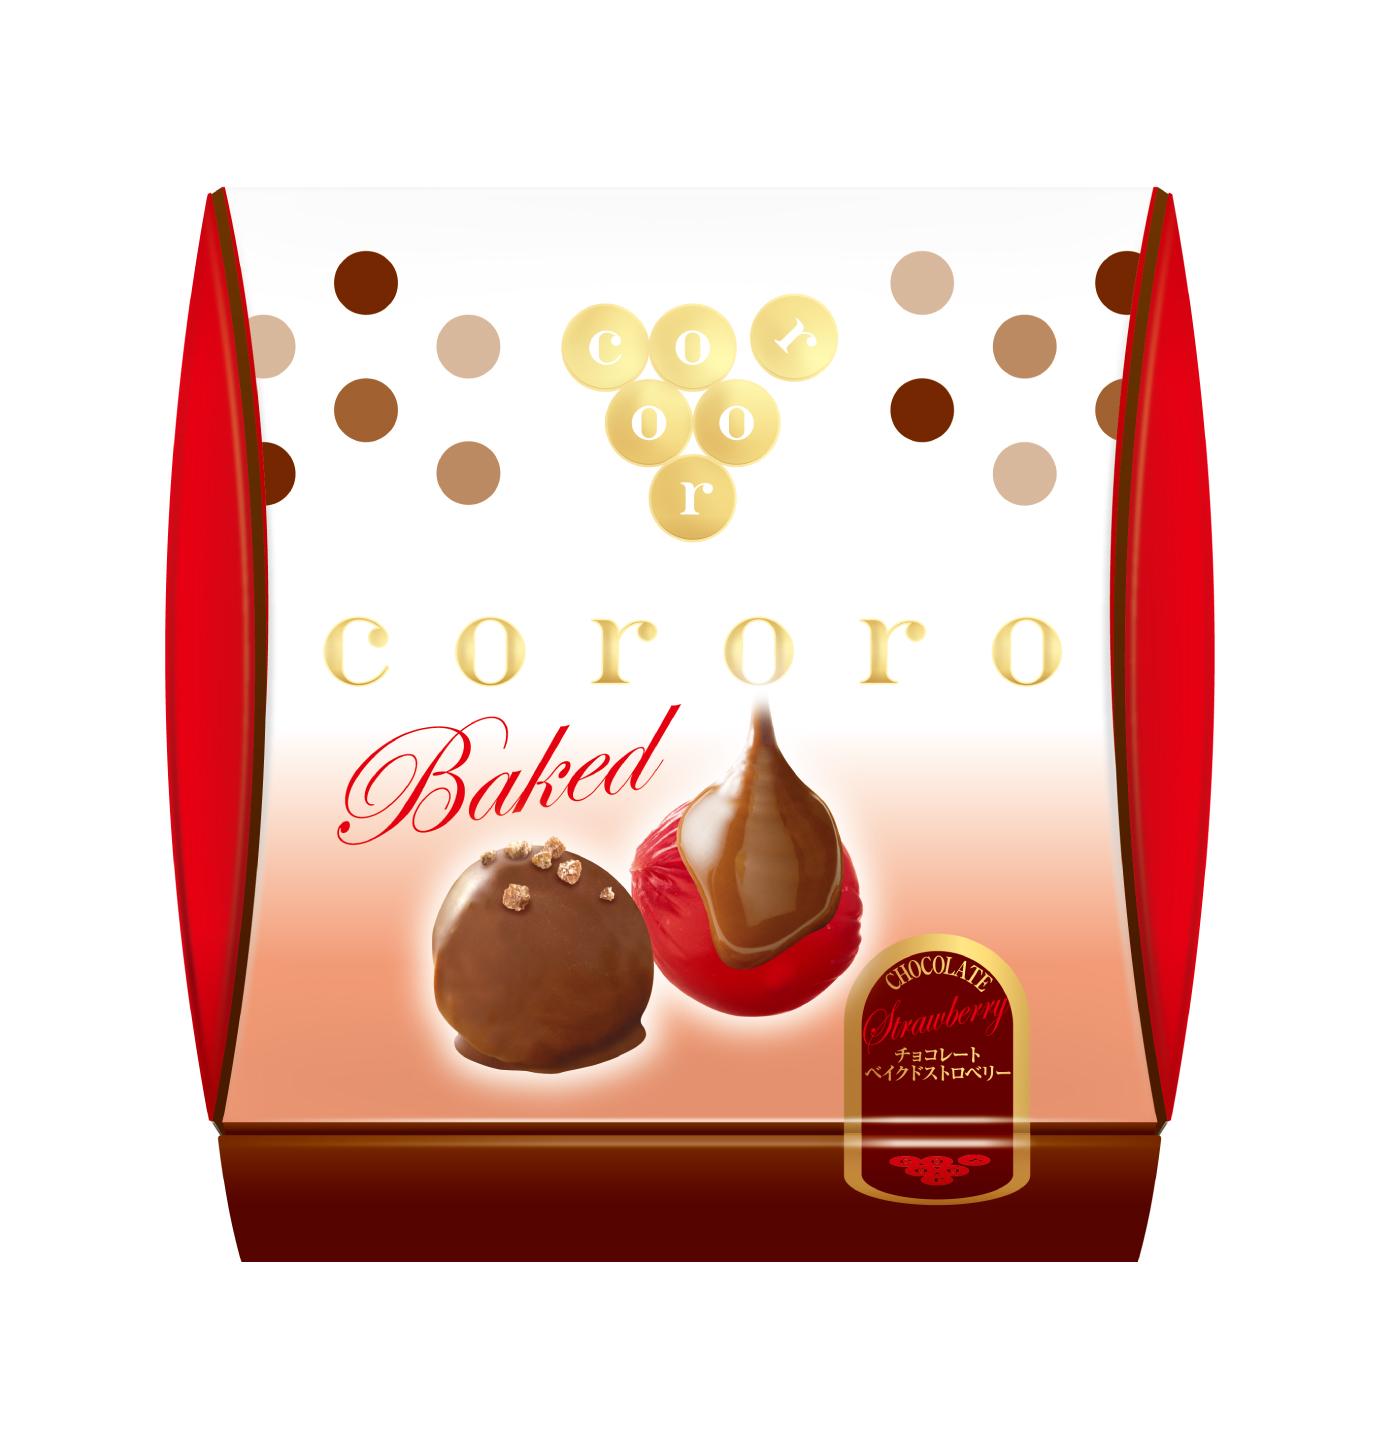 cororo チョコレート ベイクドストロべリー (新感覚グミ専門店cororo)